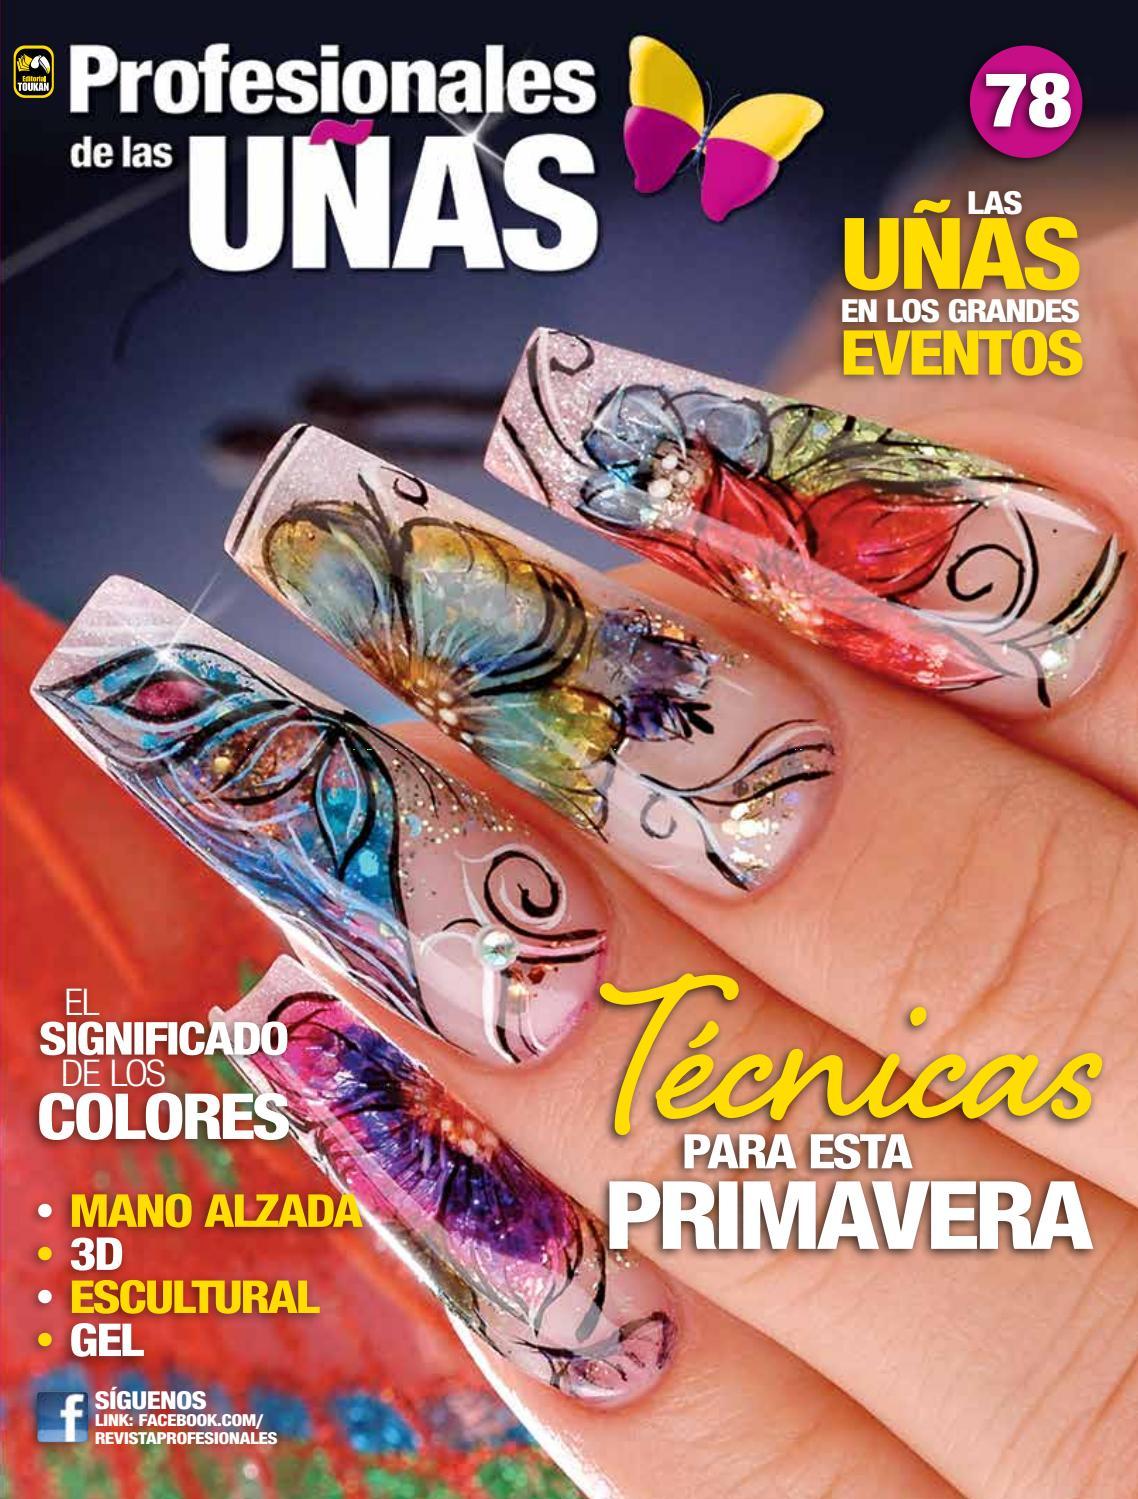 Profesionales de las uñas No. 78 by Jaime Flores - issuu